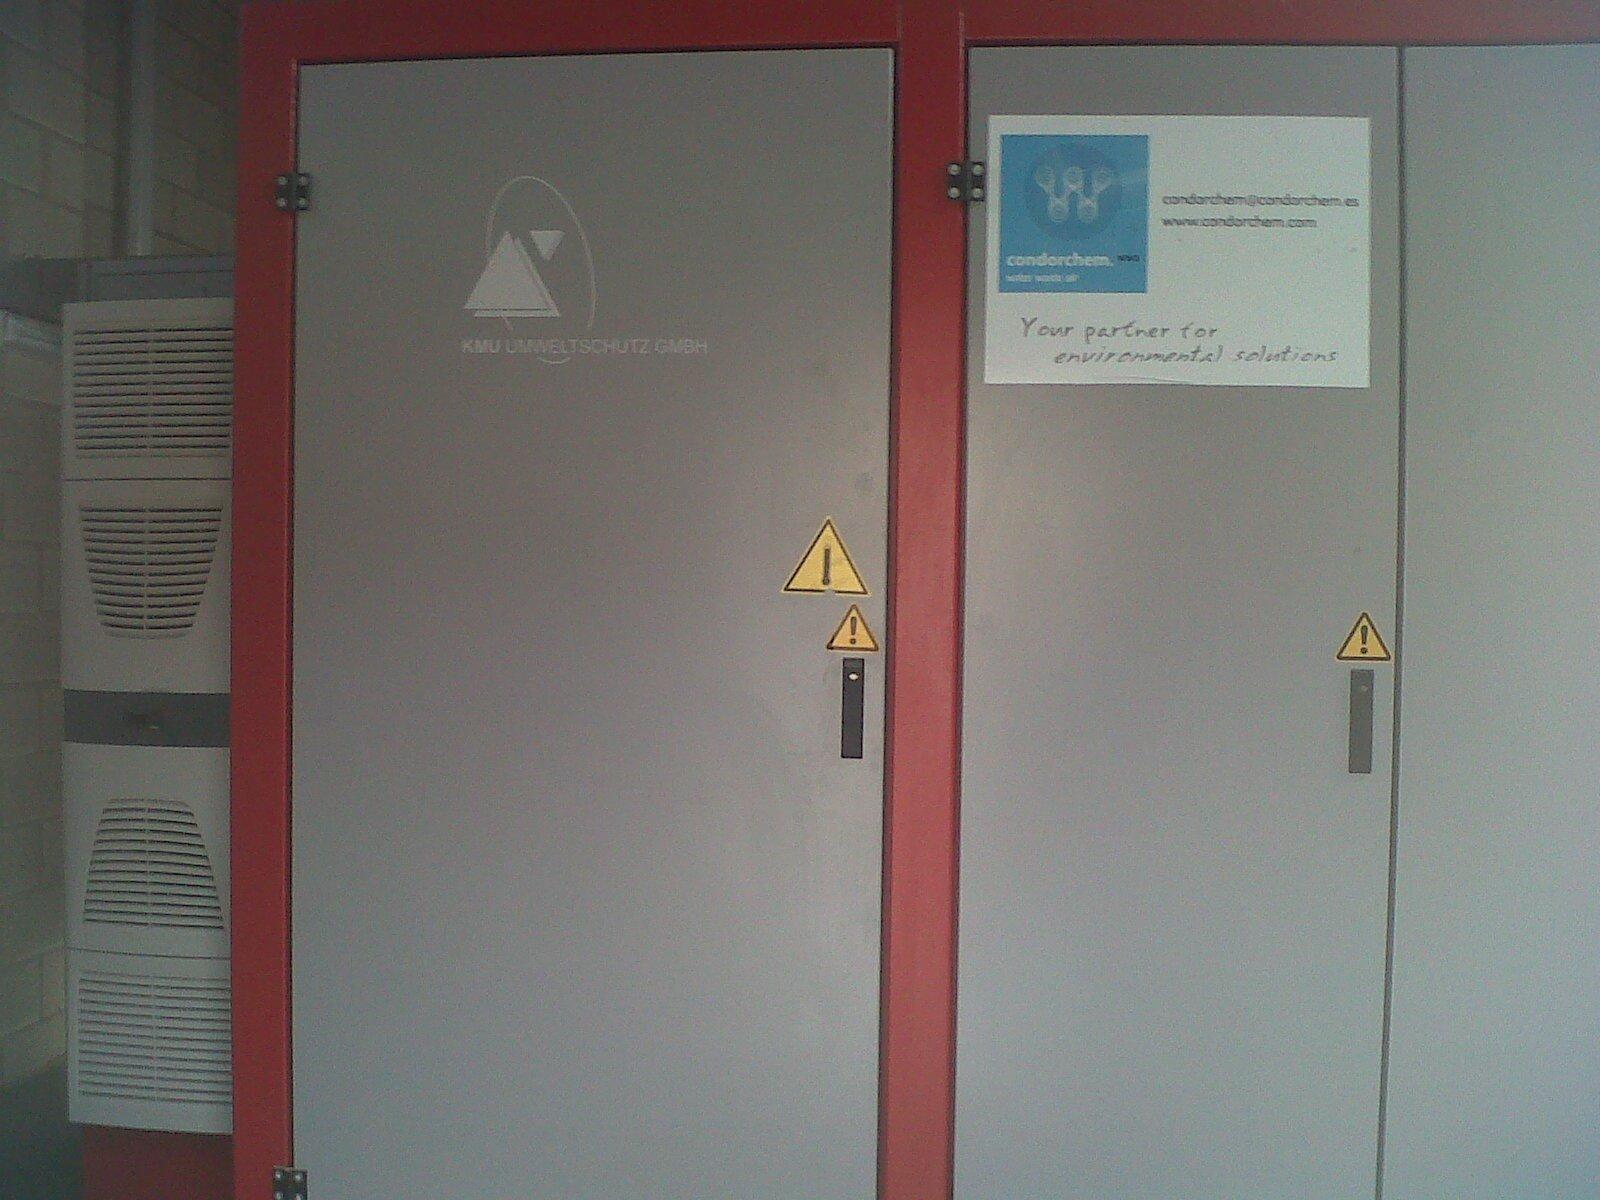 Case Study - Montoliu - Condorchem Envitech